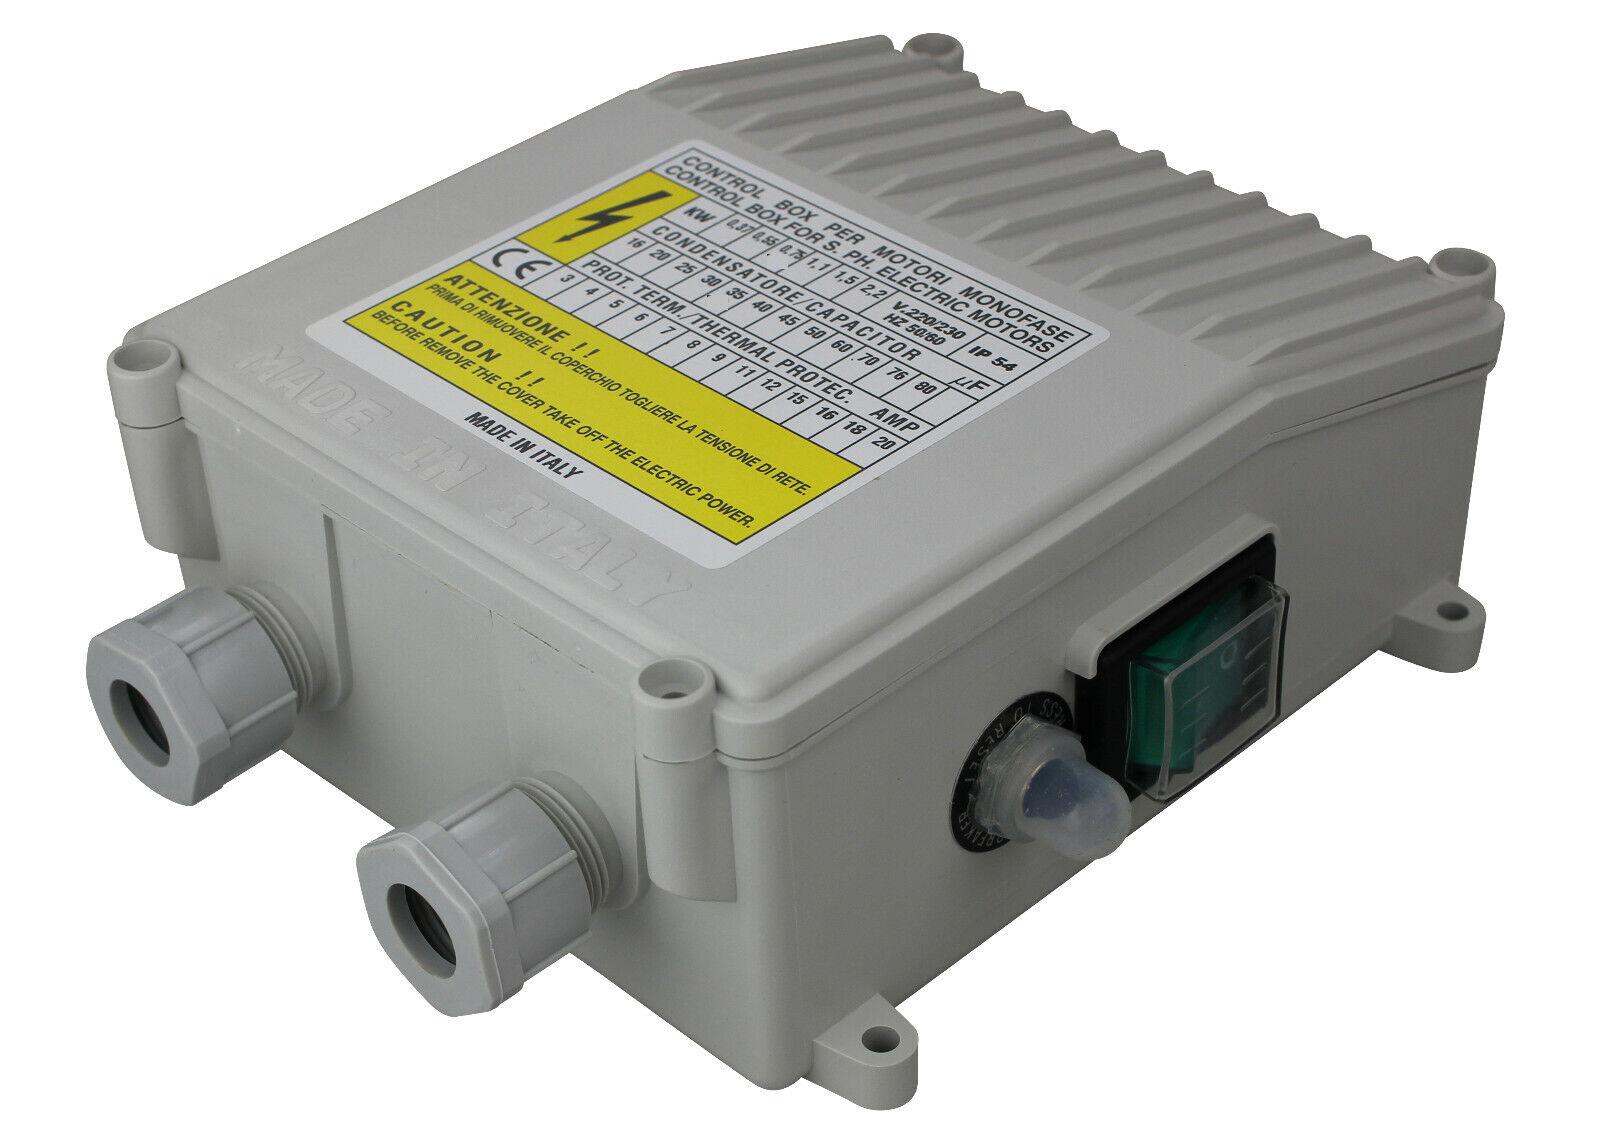 ControlBox 20μf, 6a, 0,55kw, 230v con projoección de motor, condensador y un-de